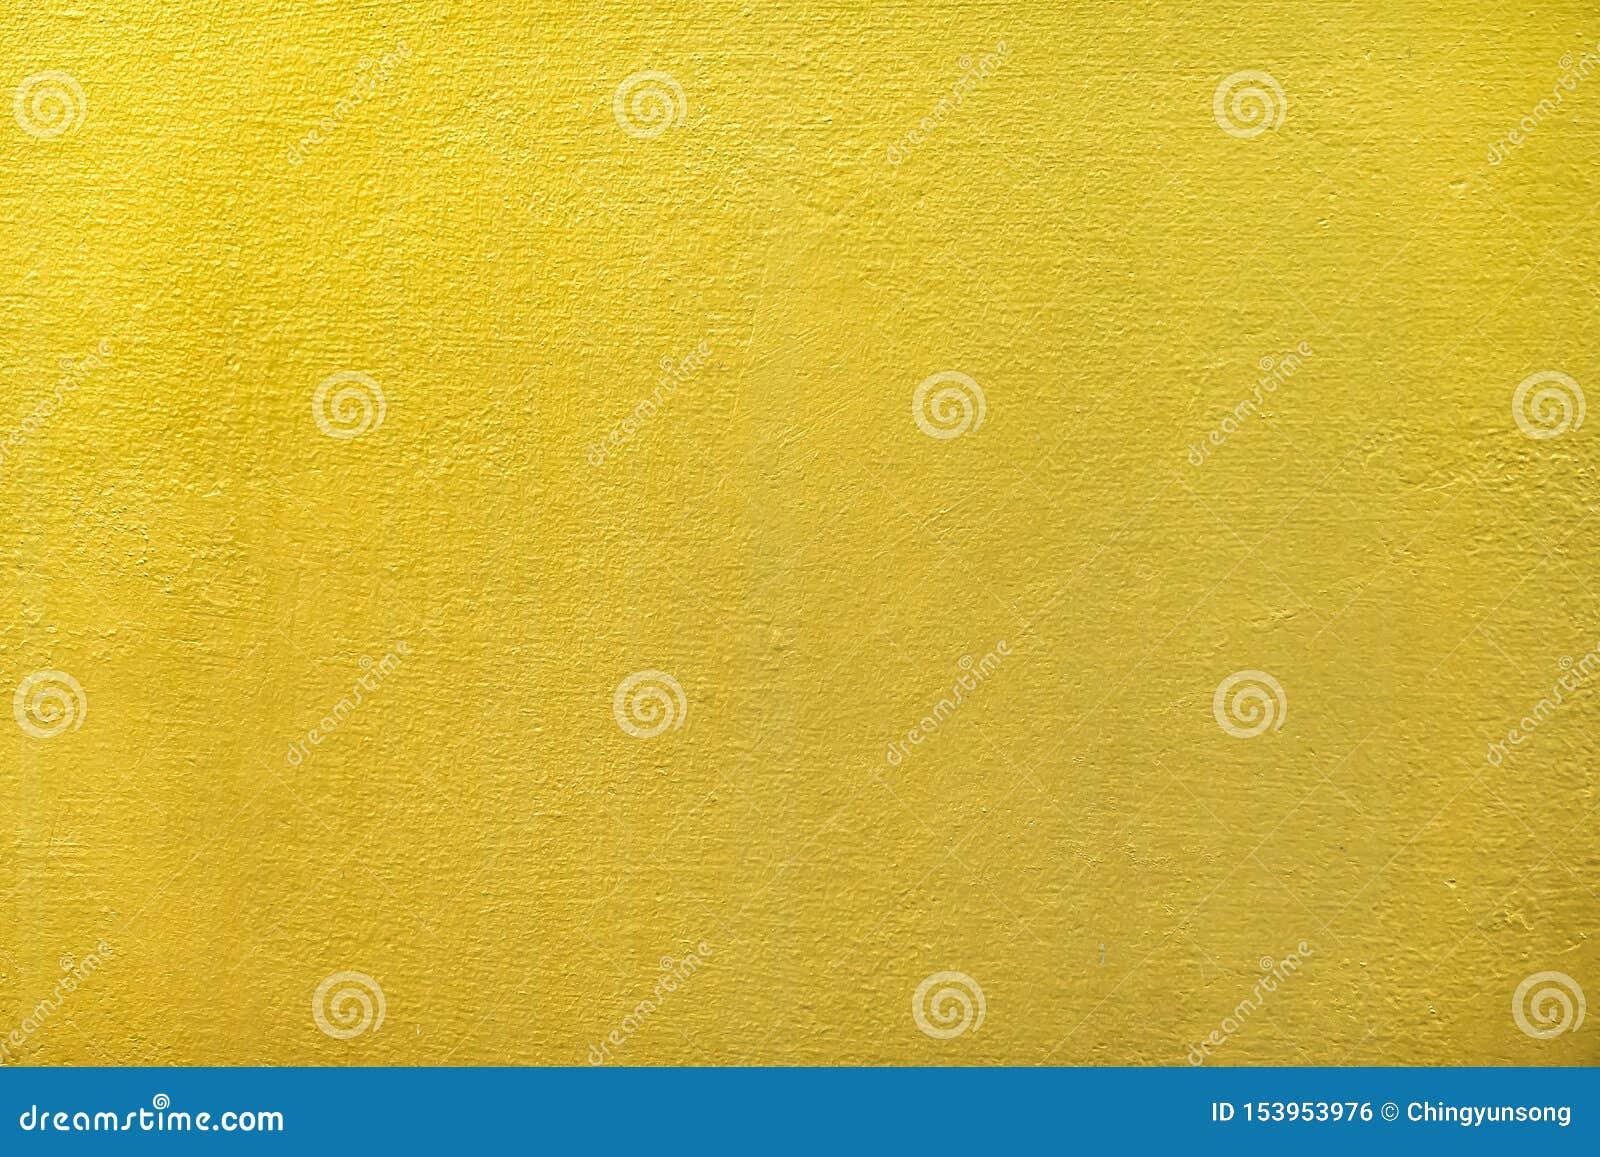 Goud of foliemuurverf voor de abstracte achtergrond en de textuur